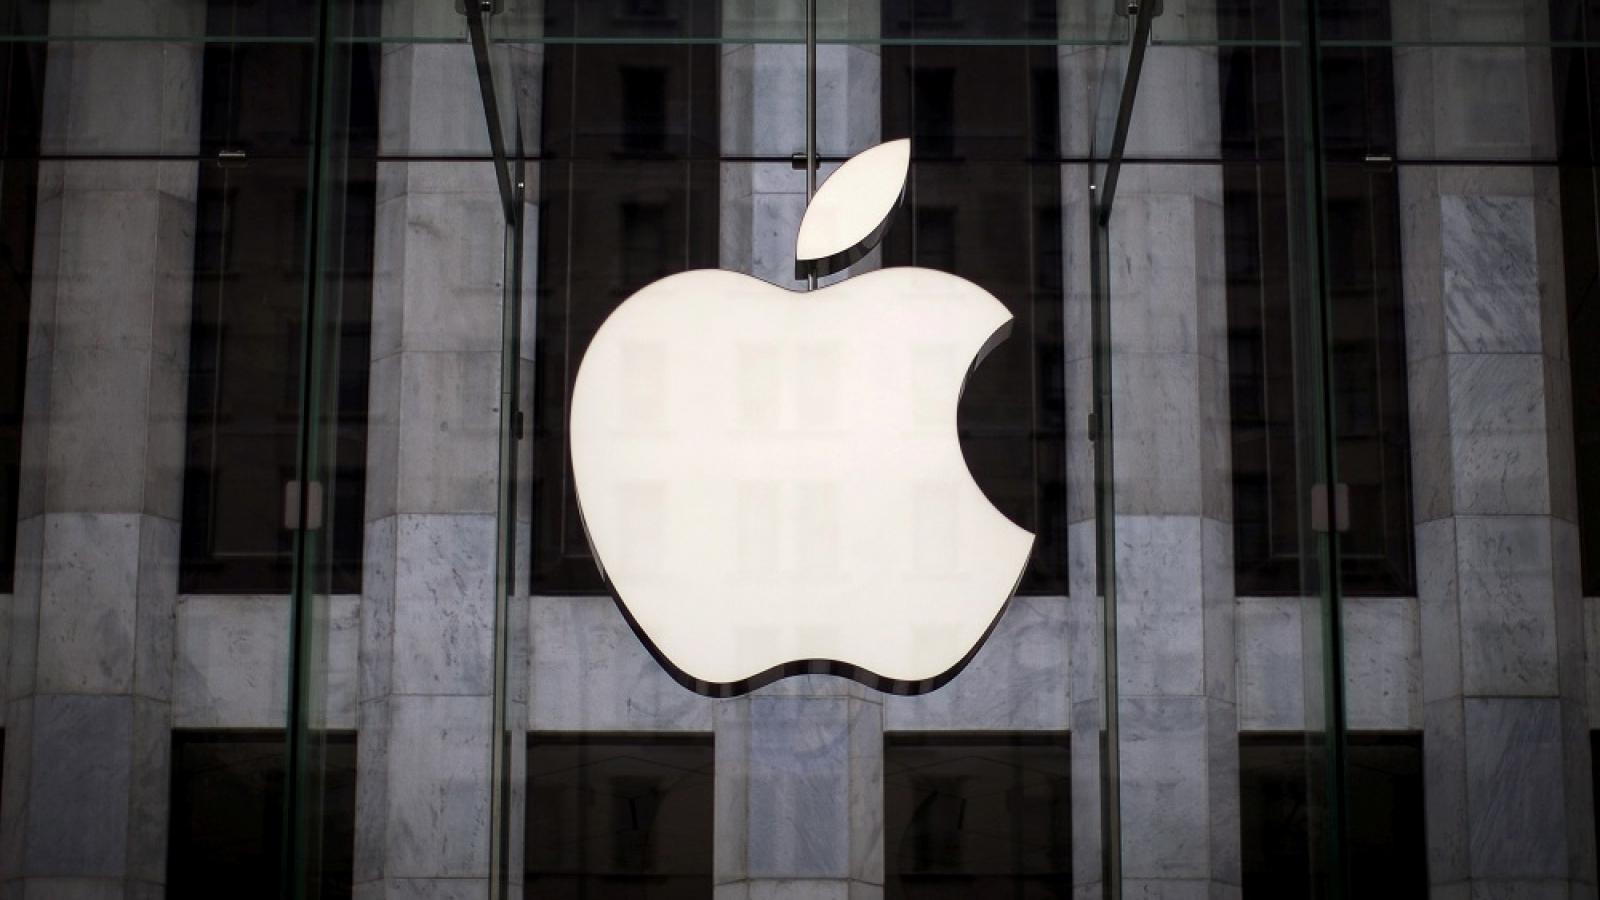 Apple muốn gắn camera trên người nhân viên để ngăn rò rỉ thông tin